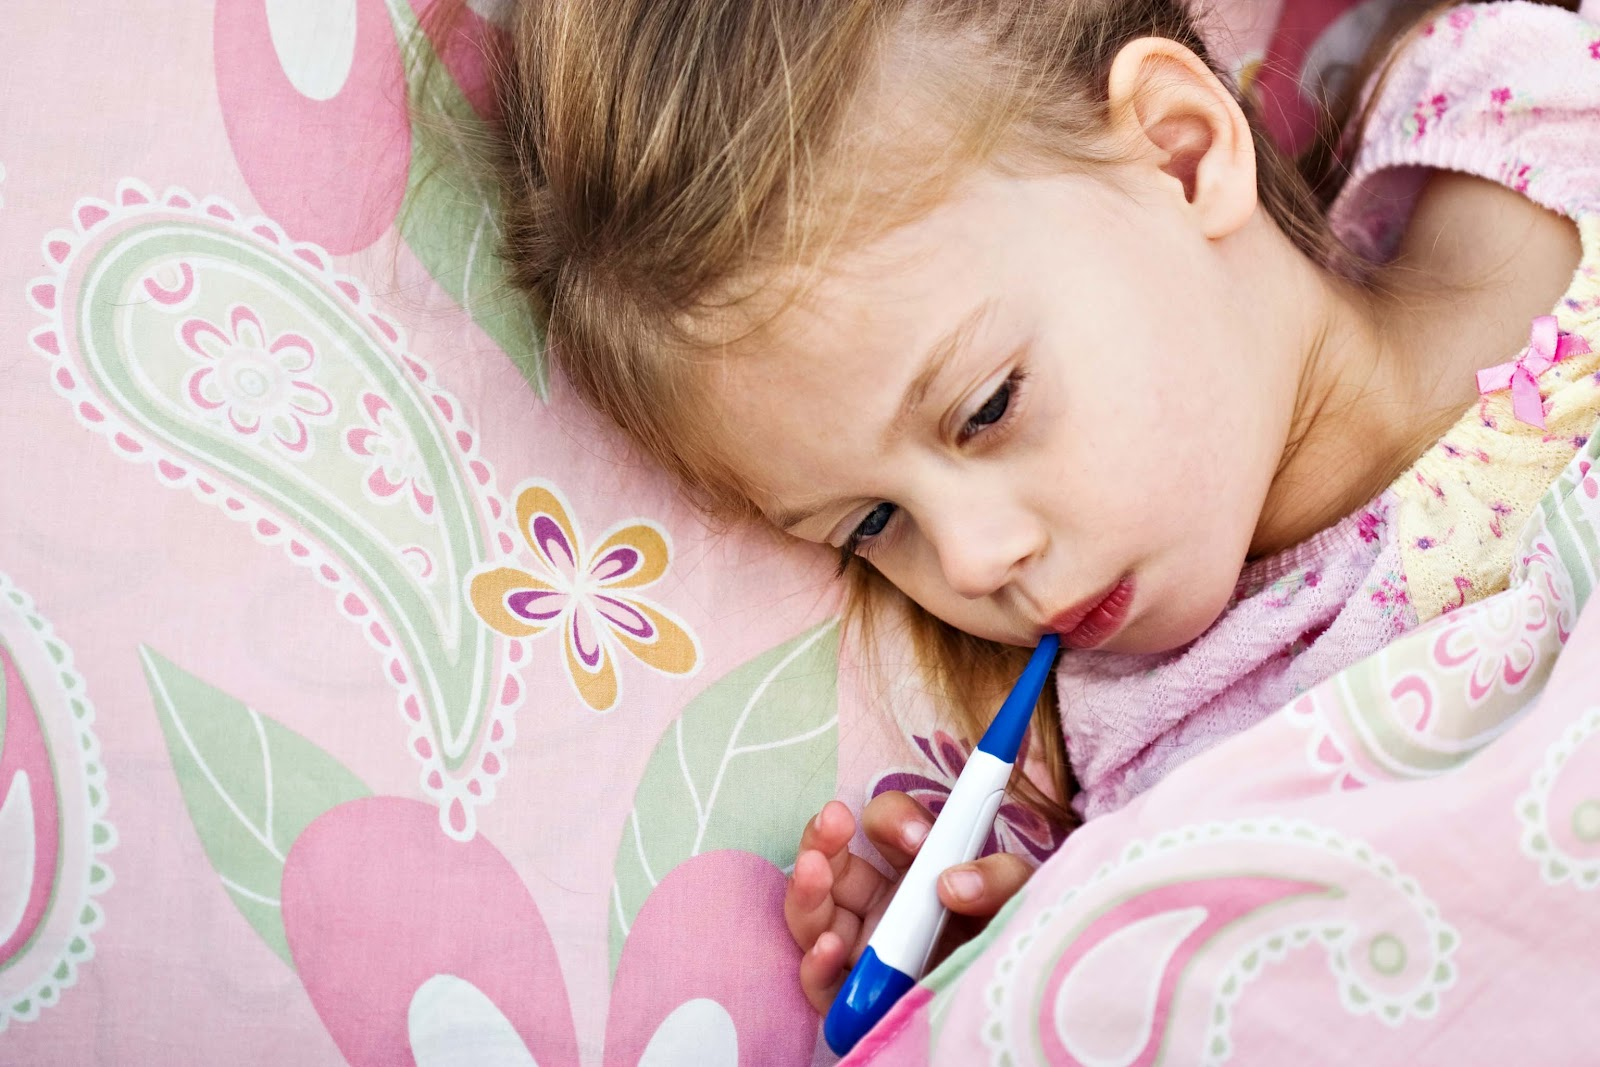 لا قلق بعد اليوم ١٠ طرق منزلية لتتمكني من علاج ارتفاع الحرارة عند الاطفال child-temperature.jp